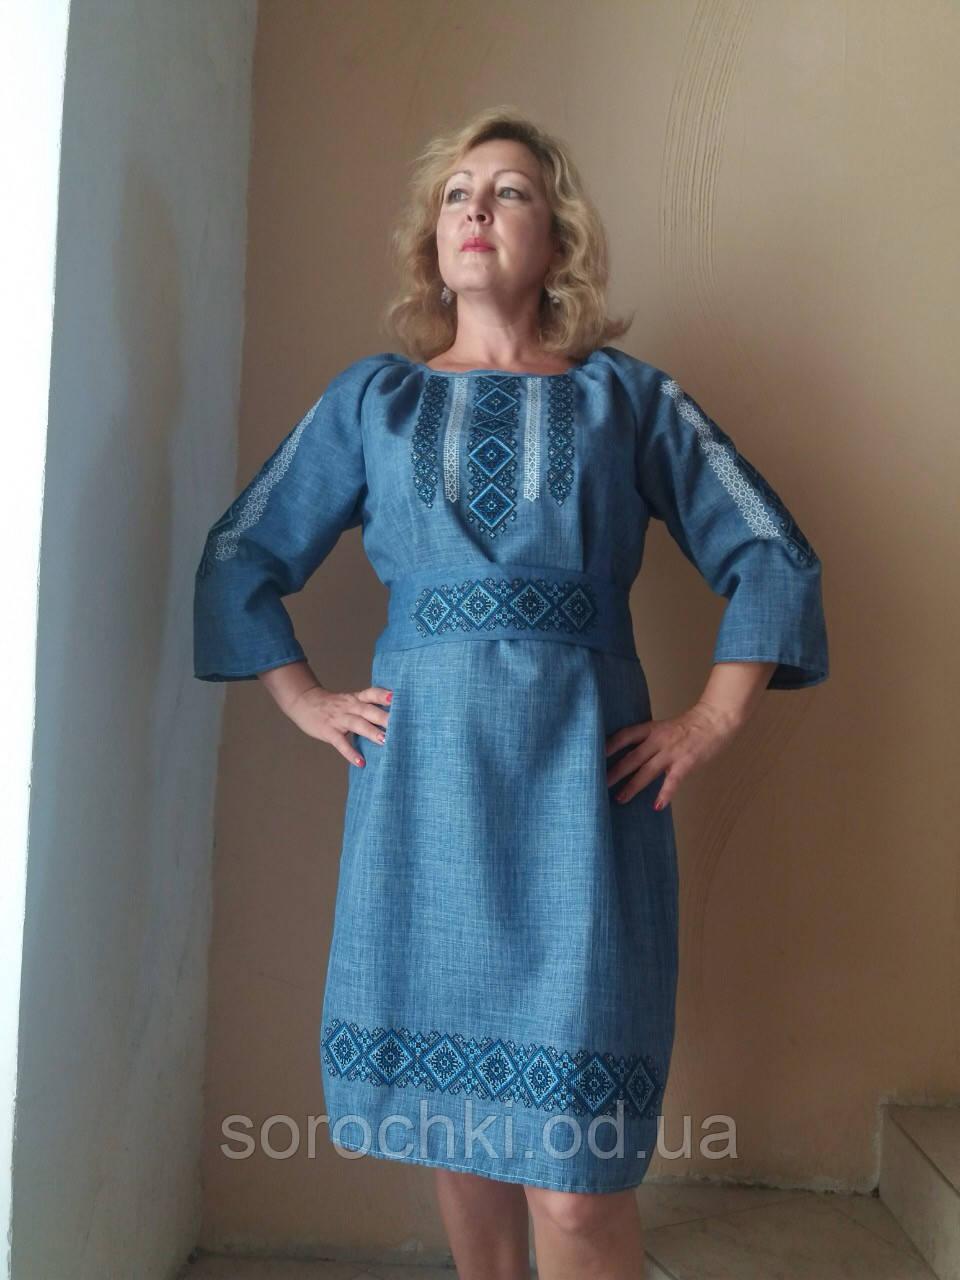 Платье в этническом стиле, с вышивкой, женское, голубое, лен-габардин